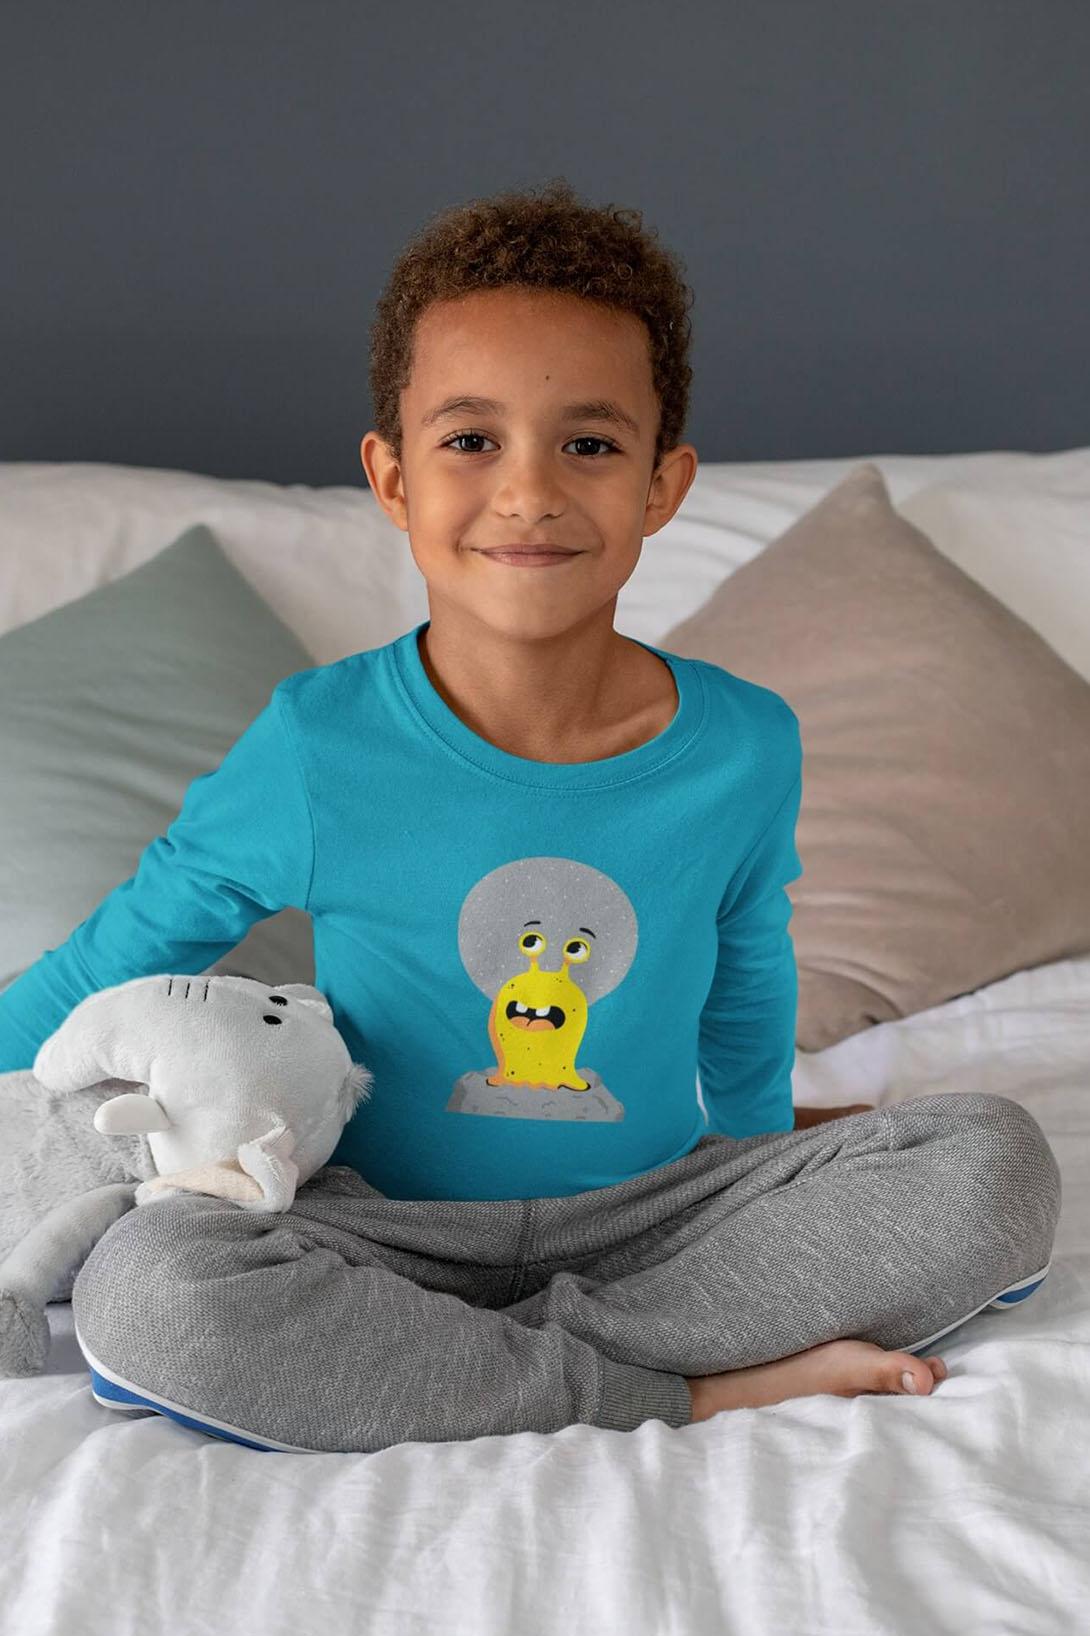 MMO Detské tričko s dlhým rukávom Slimák Vyberte farbu:: Malinová, Detská veľkosť: 158/12 rokov